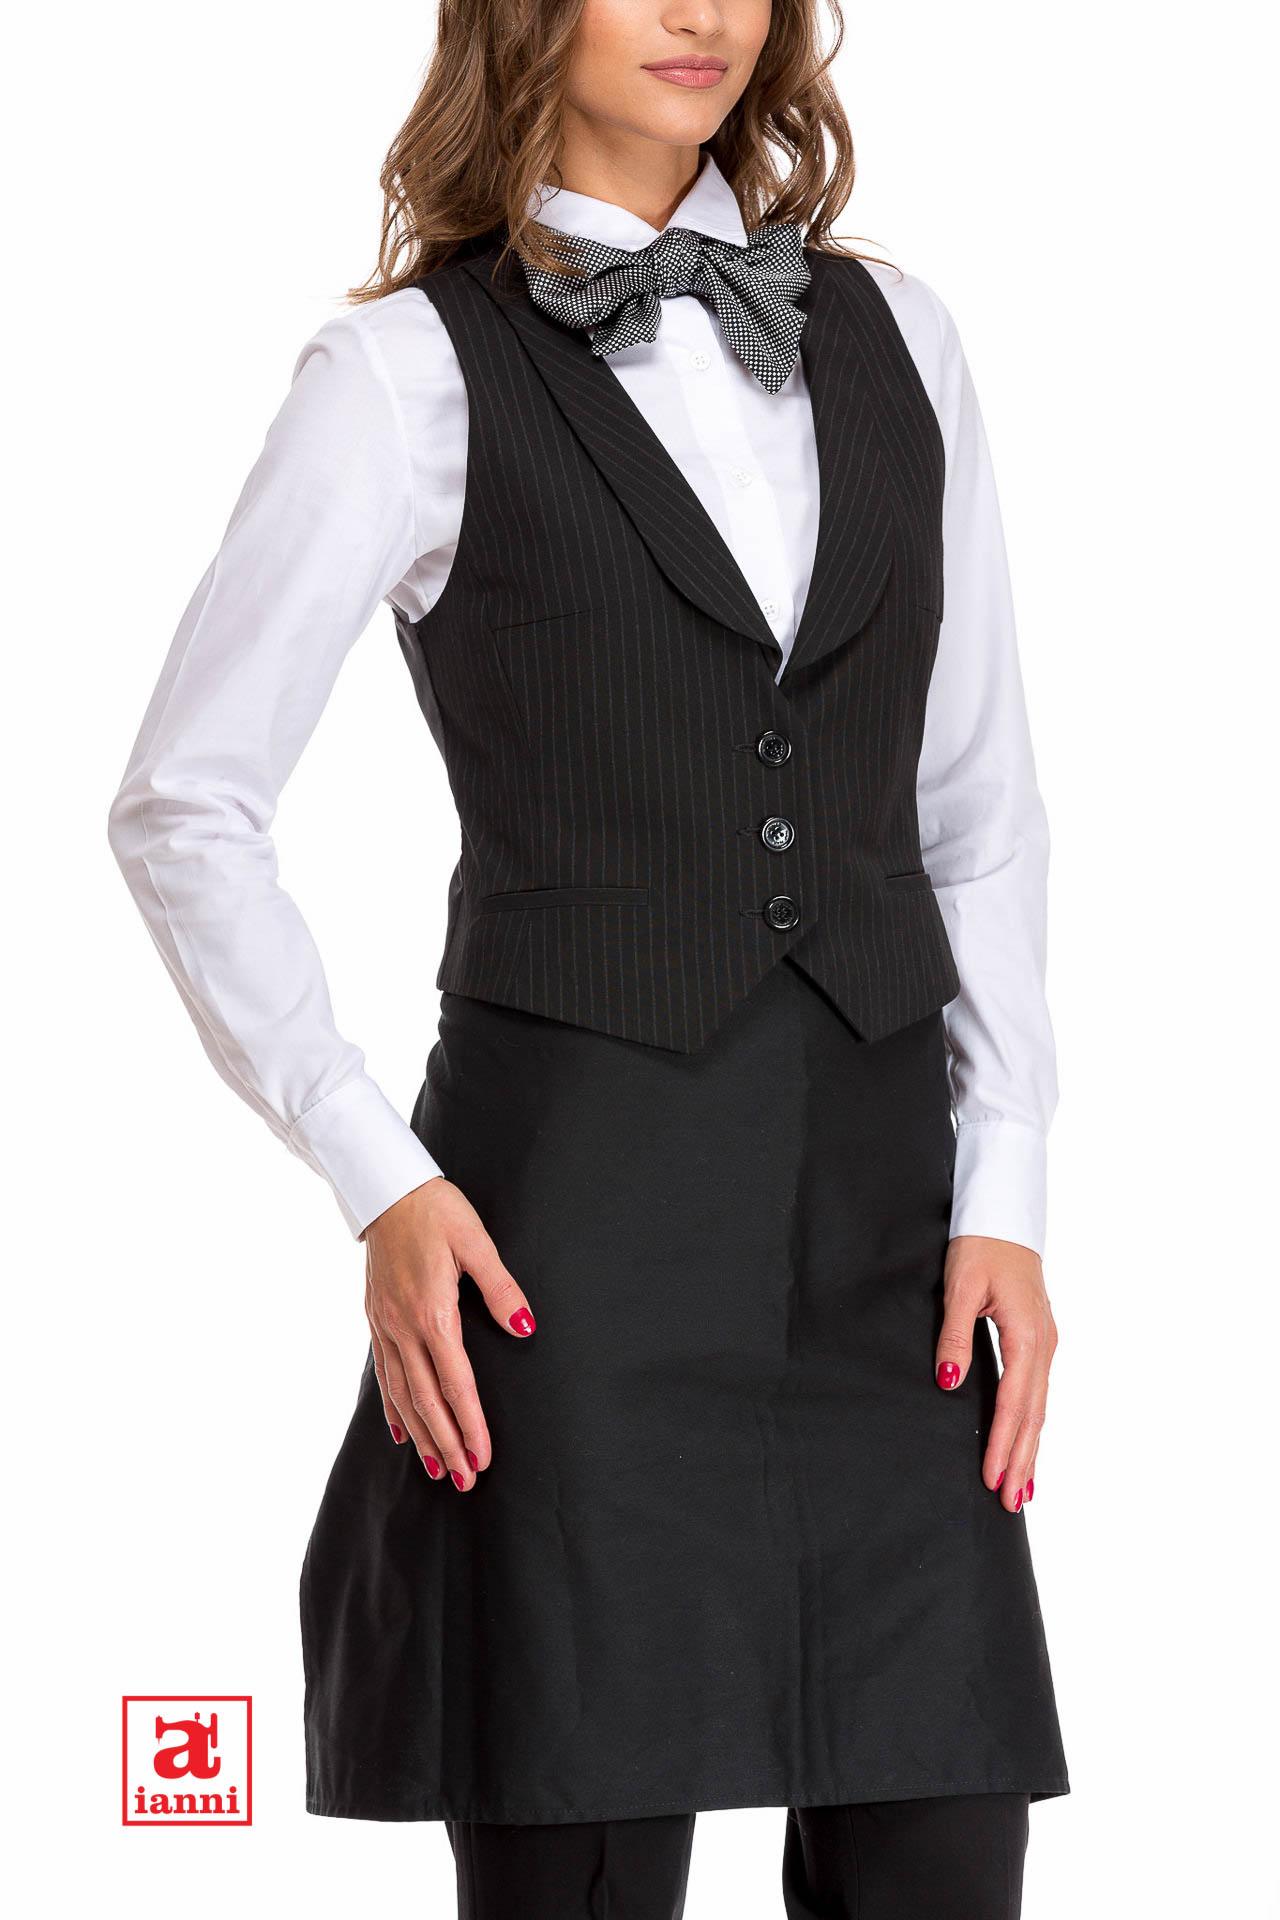 Uniforma ospatar dama